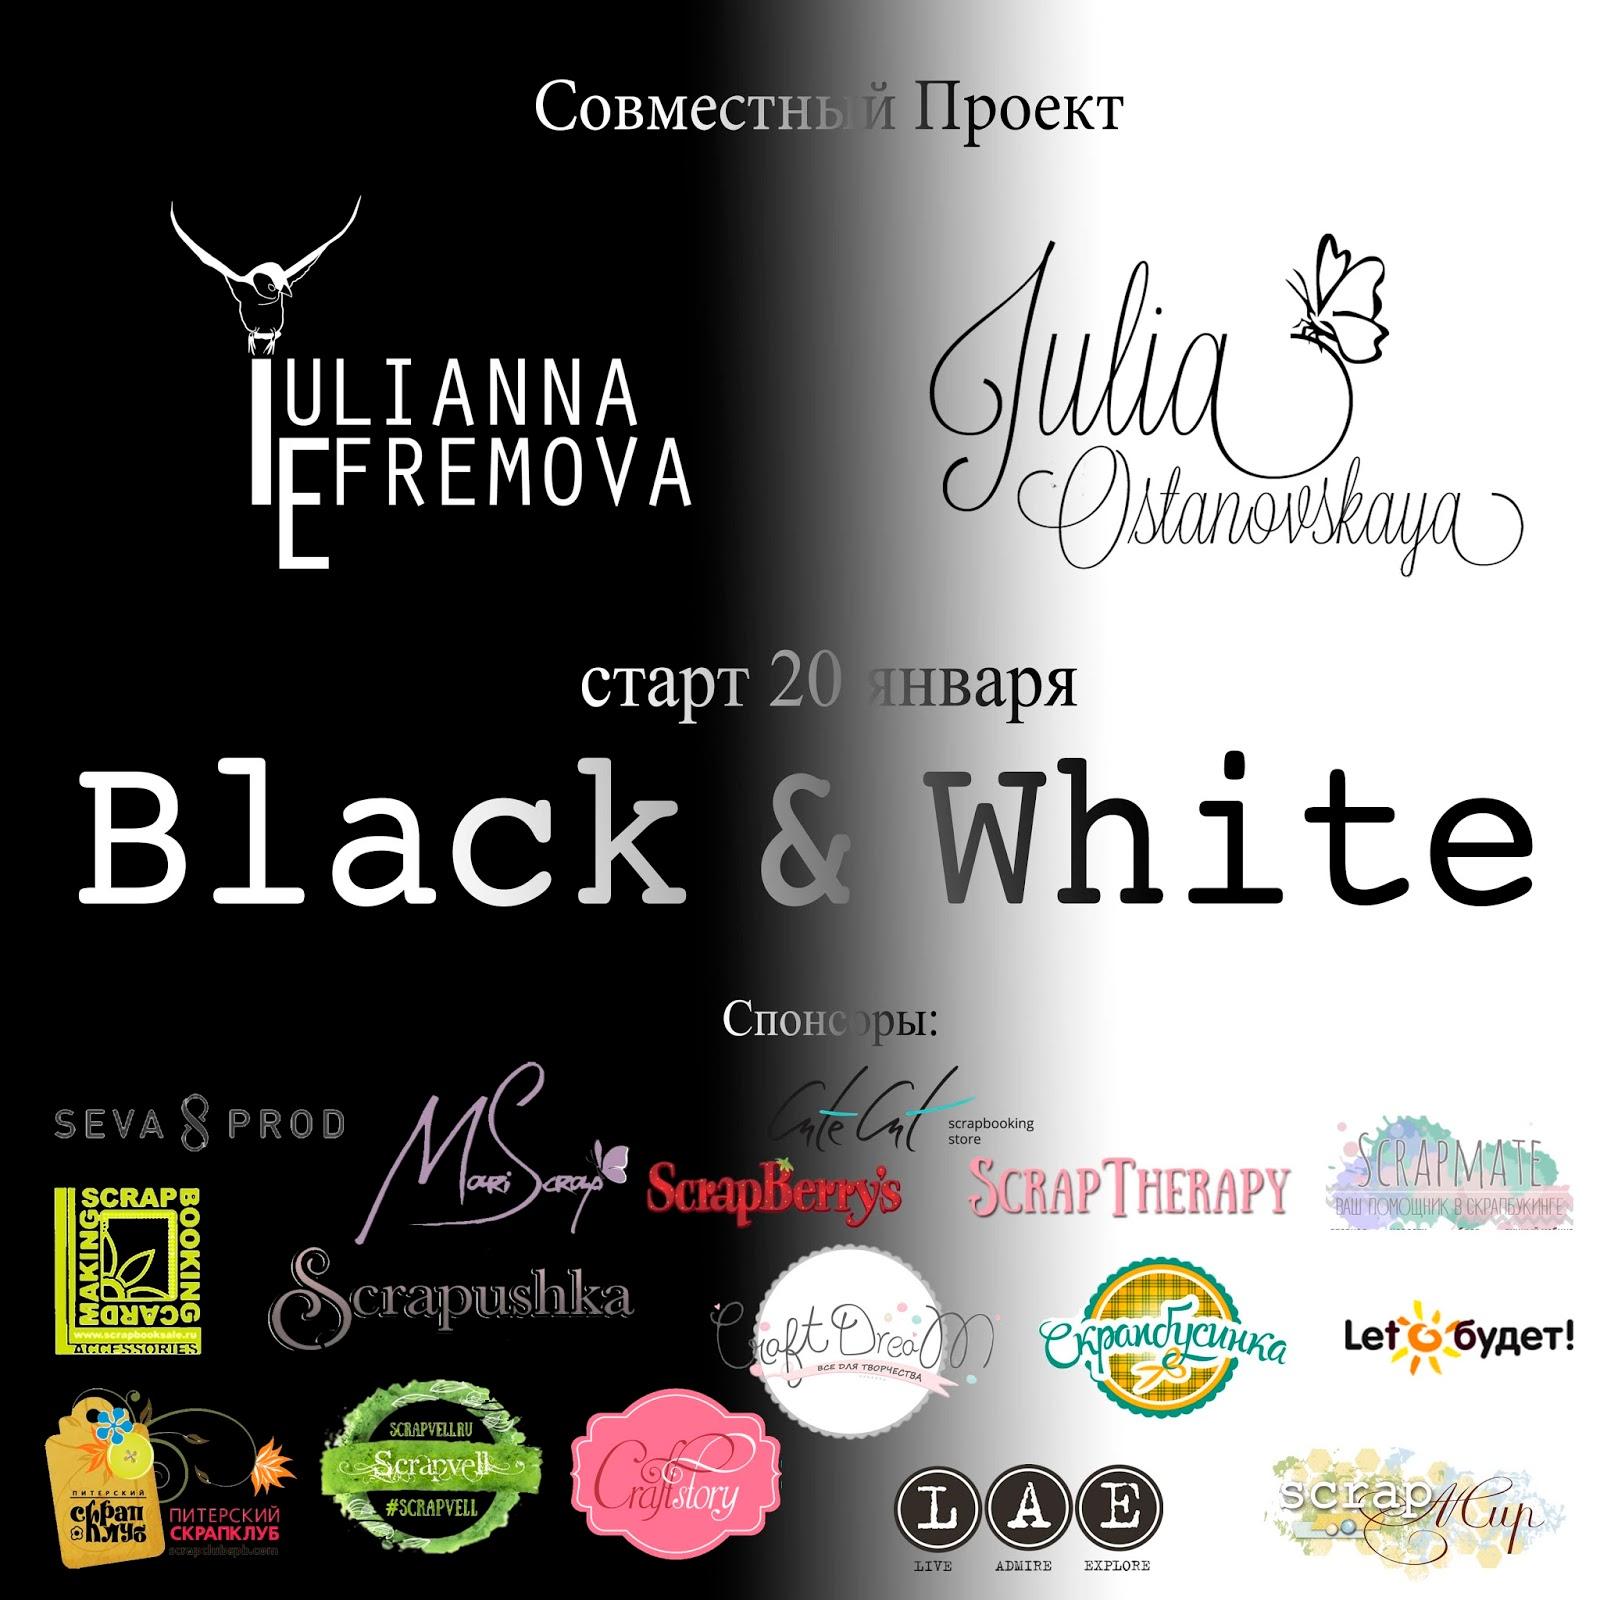 СП Black & White 2016